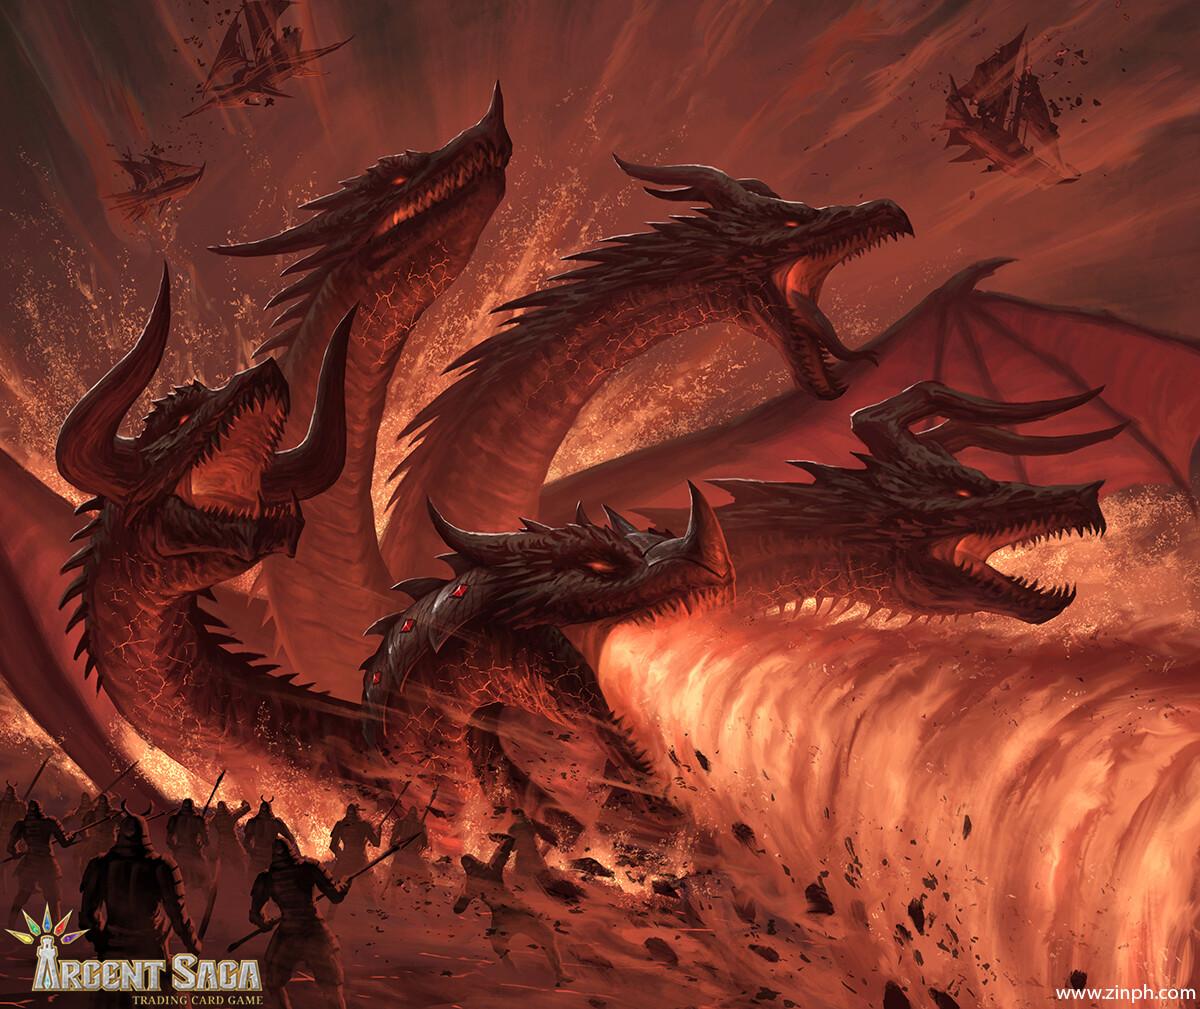 Vinh pham 1901 bahamute dragonic deity 08